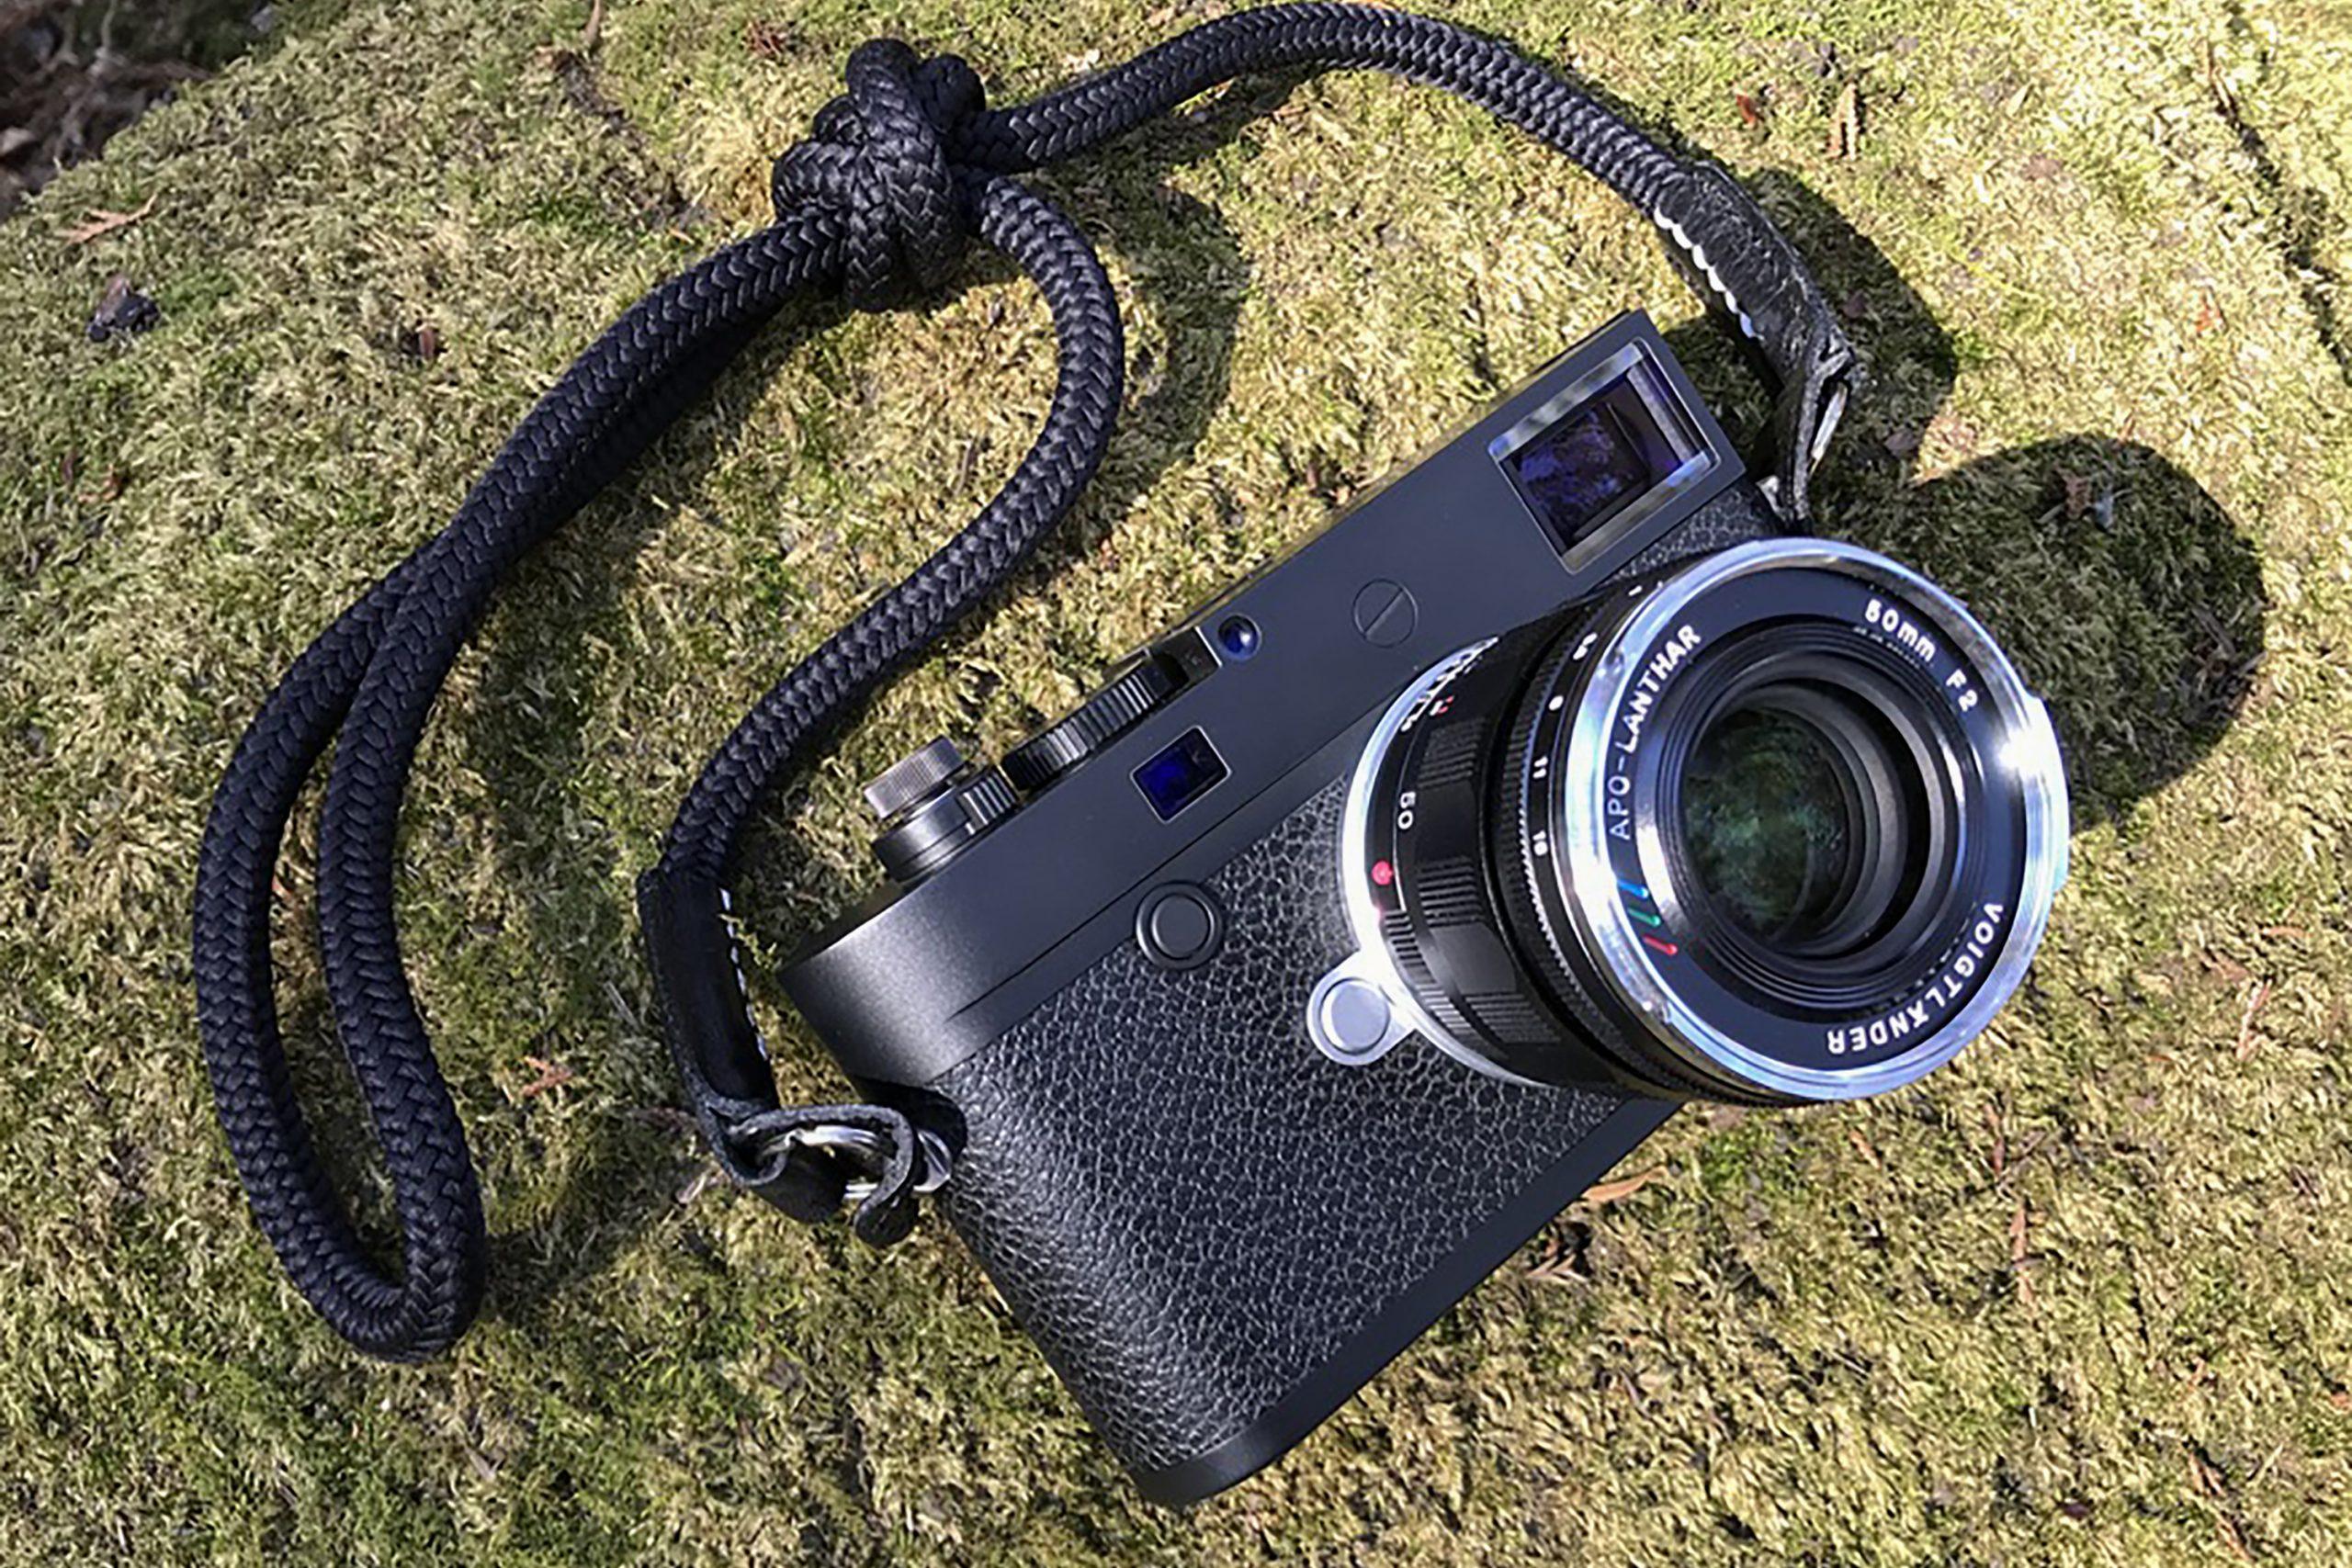 【Leica】ライカビギナー奮闘記 その6 気になる新レンズ